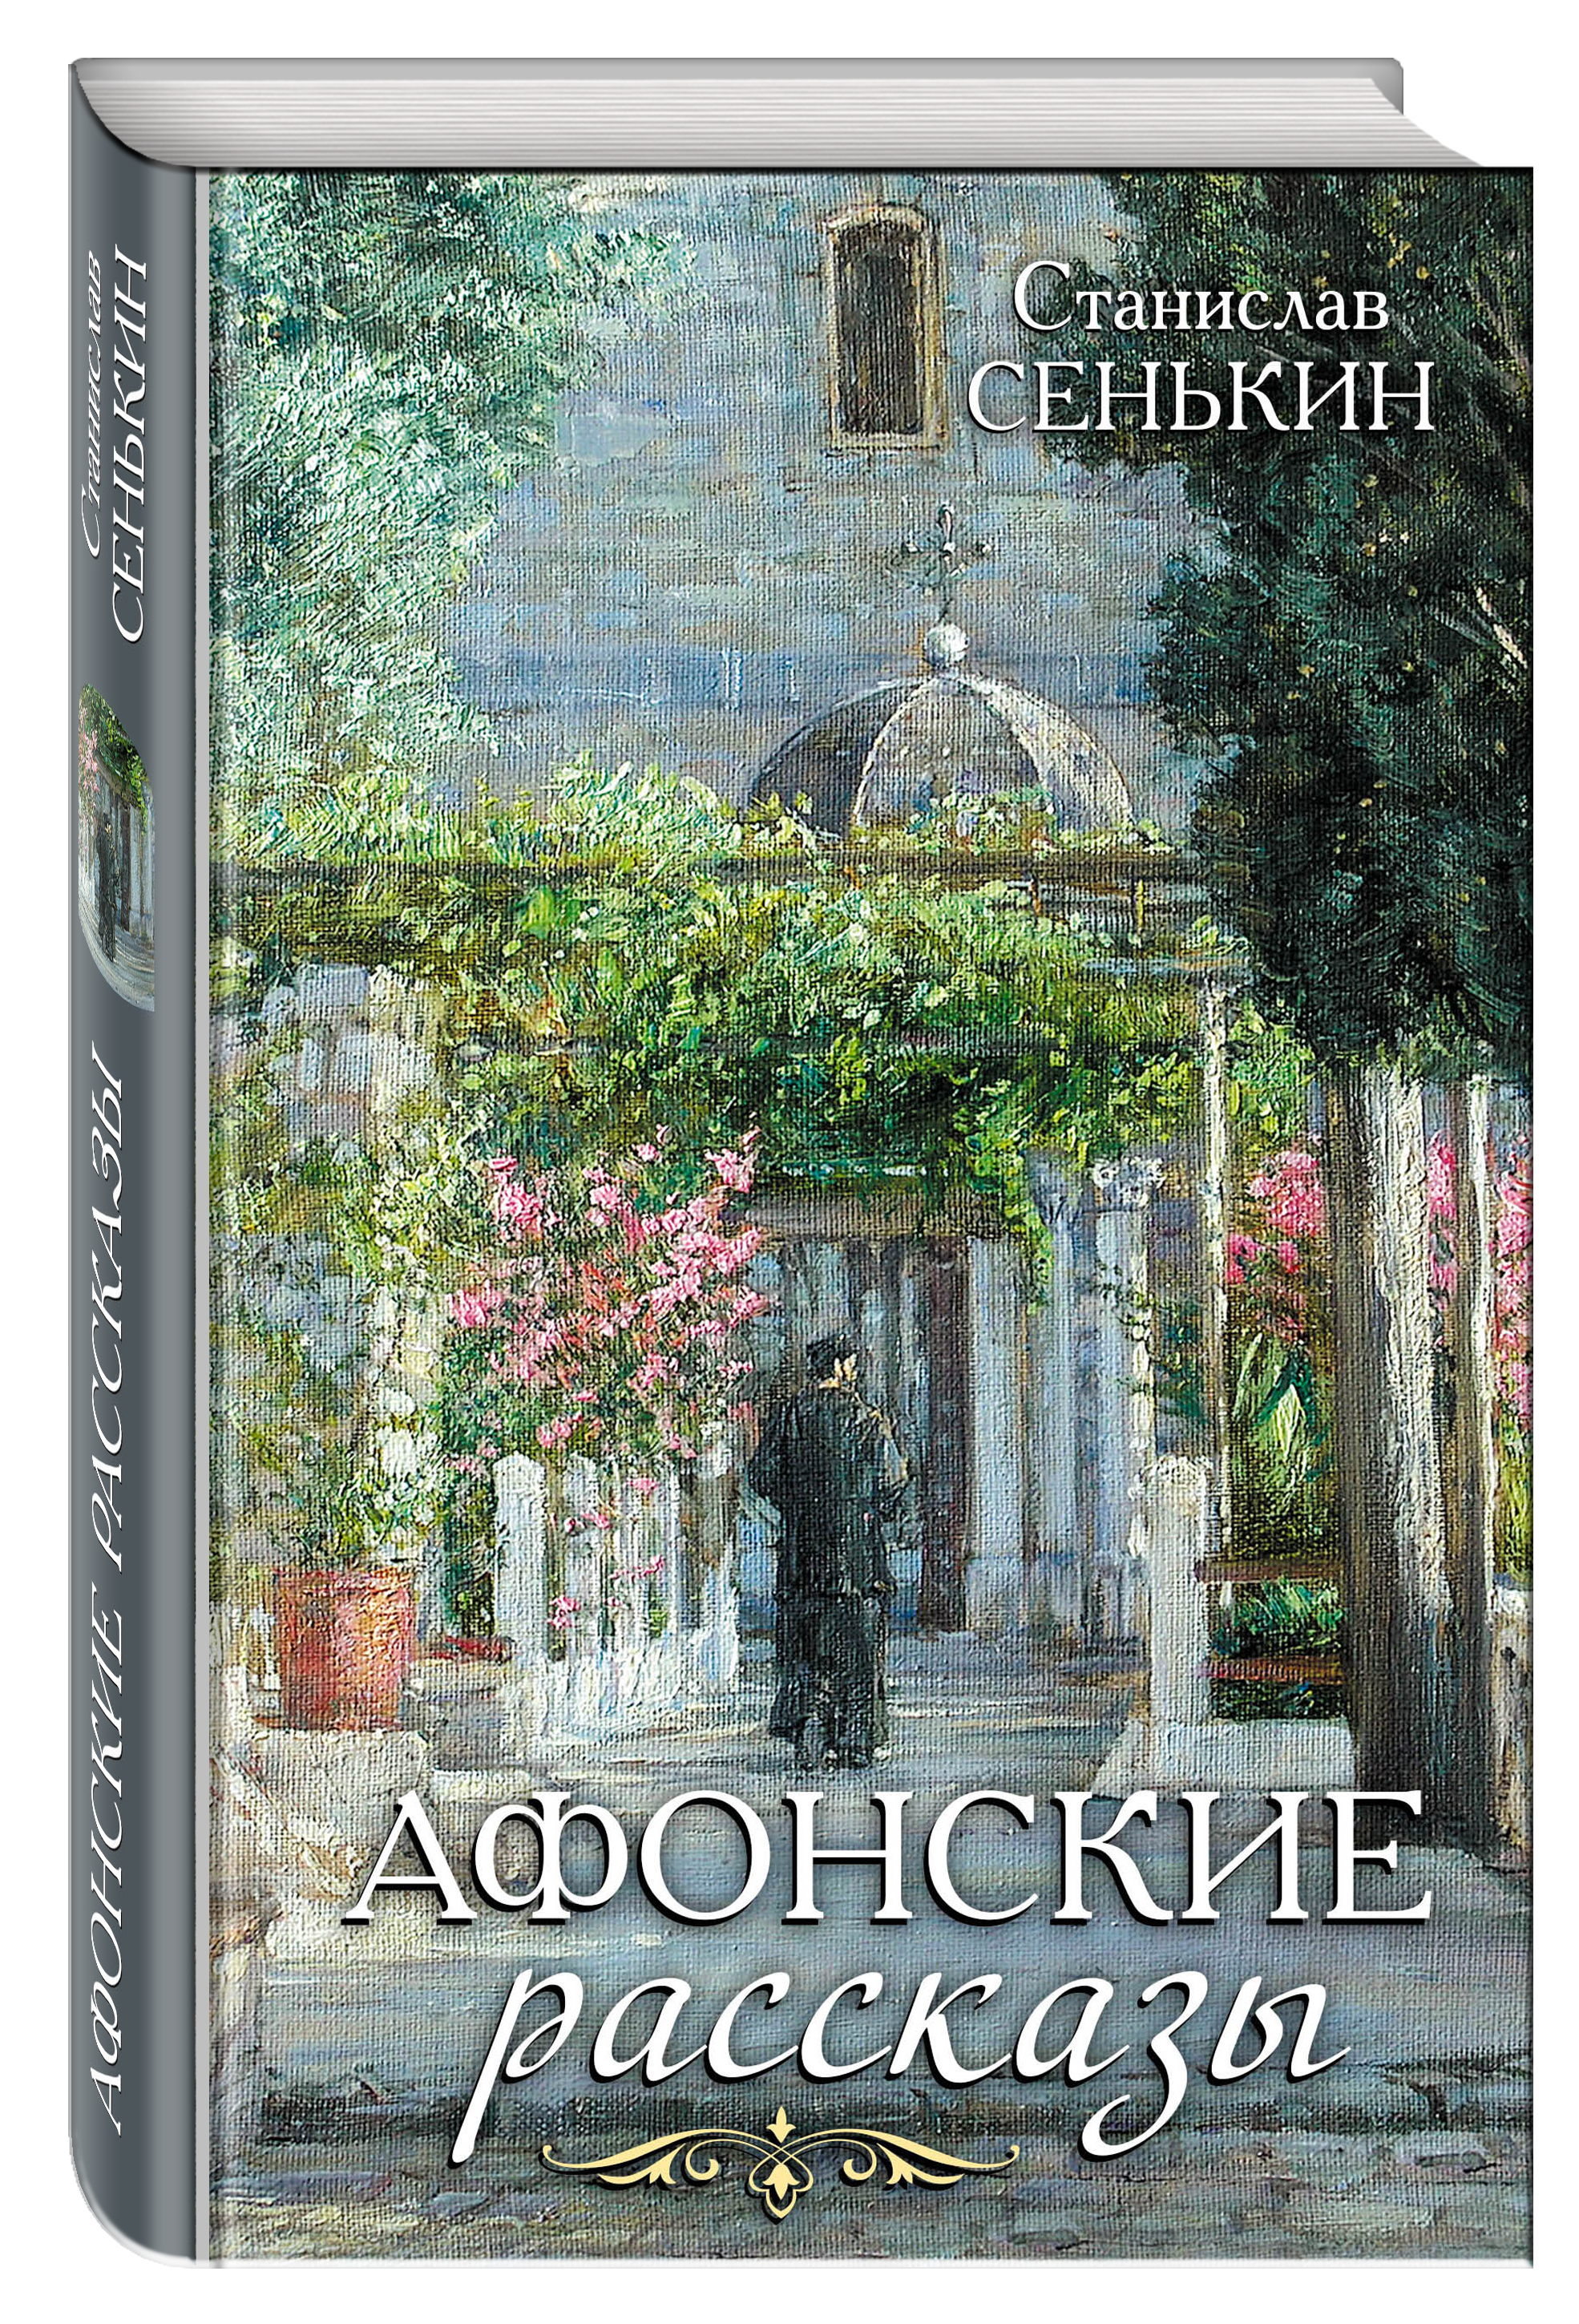 Станислав Сенькин Афонские рассказы ISBN: 978-5-906716-69-9 сенькин станислав леонидович афонские рассказы